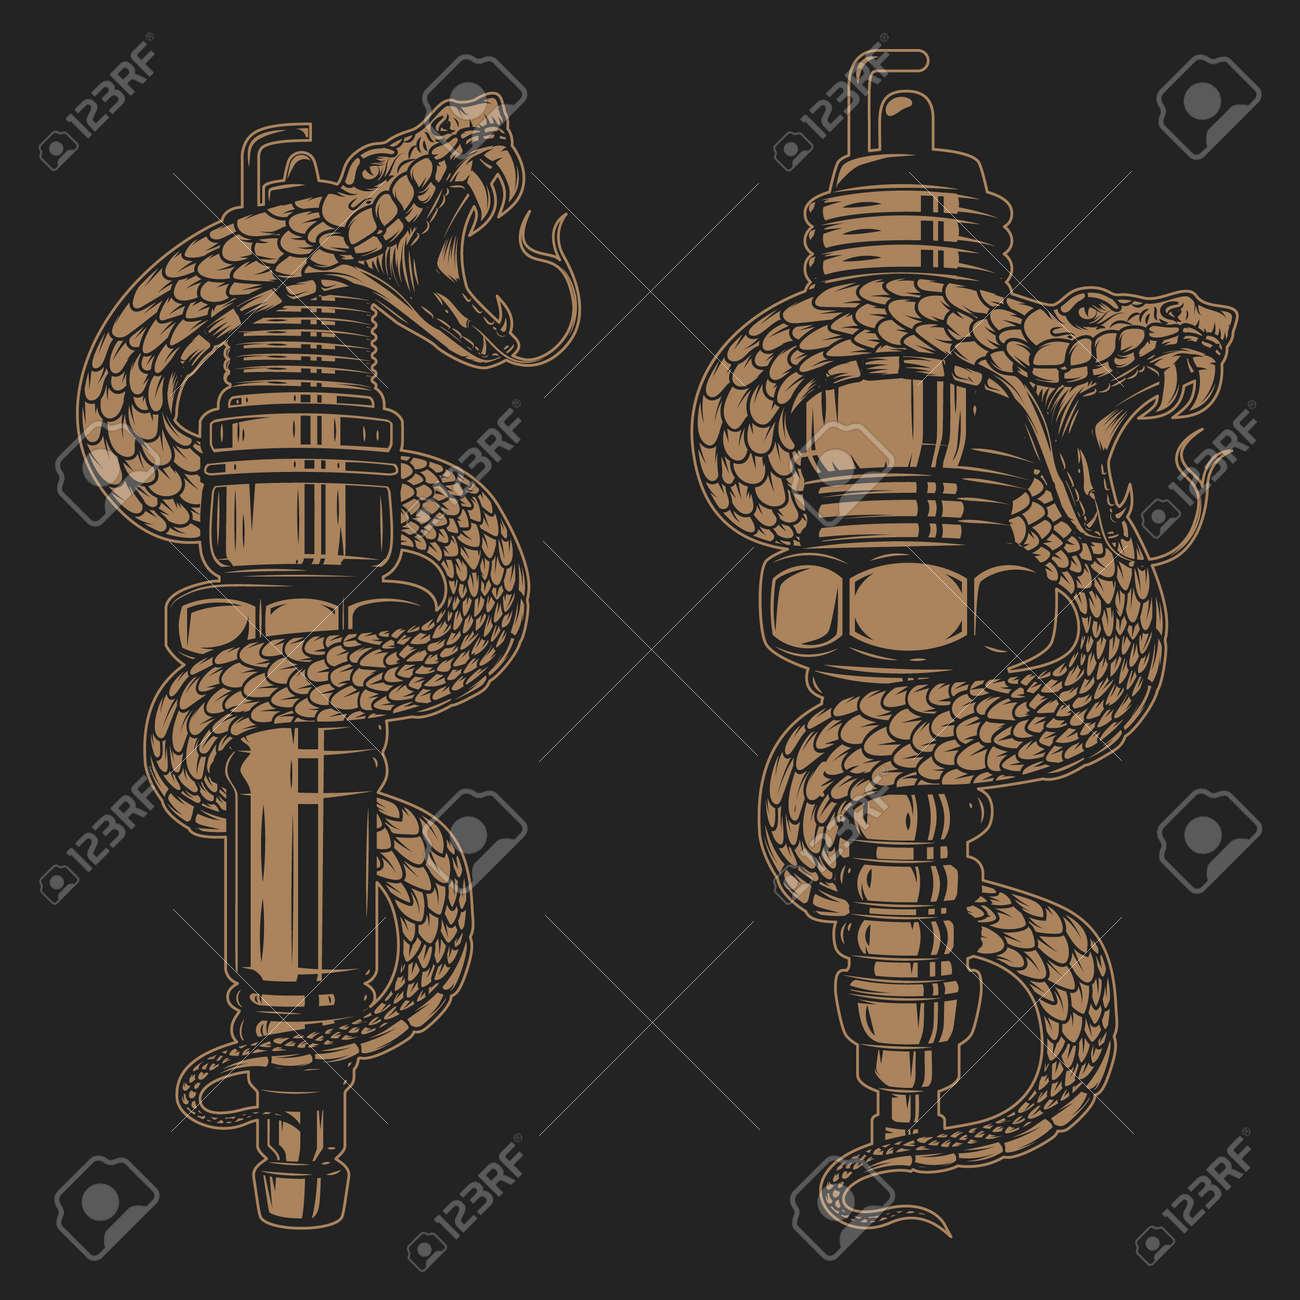 Illustration of snake on car spark plug. Design element for poster, card, banner, sign. Vector illustration - 170554437